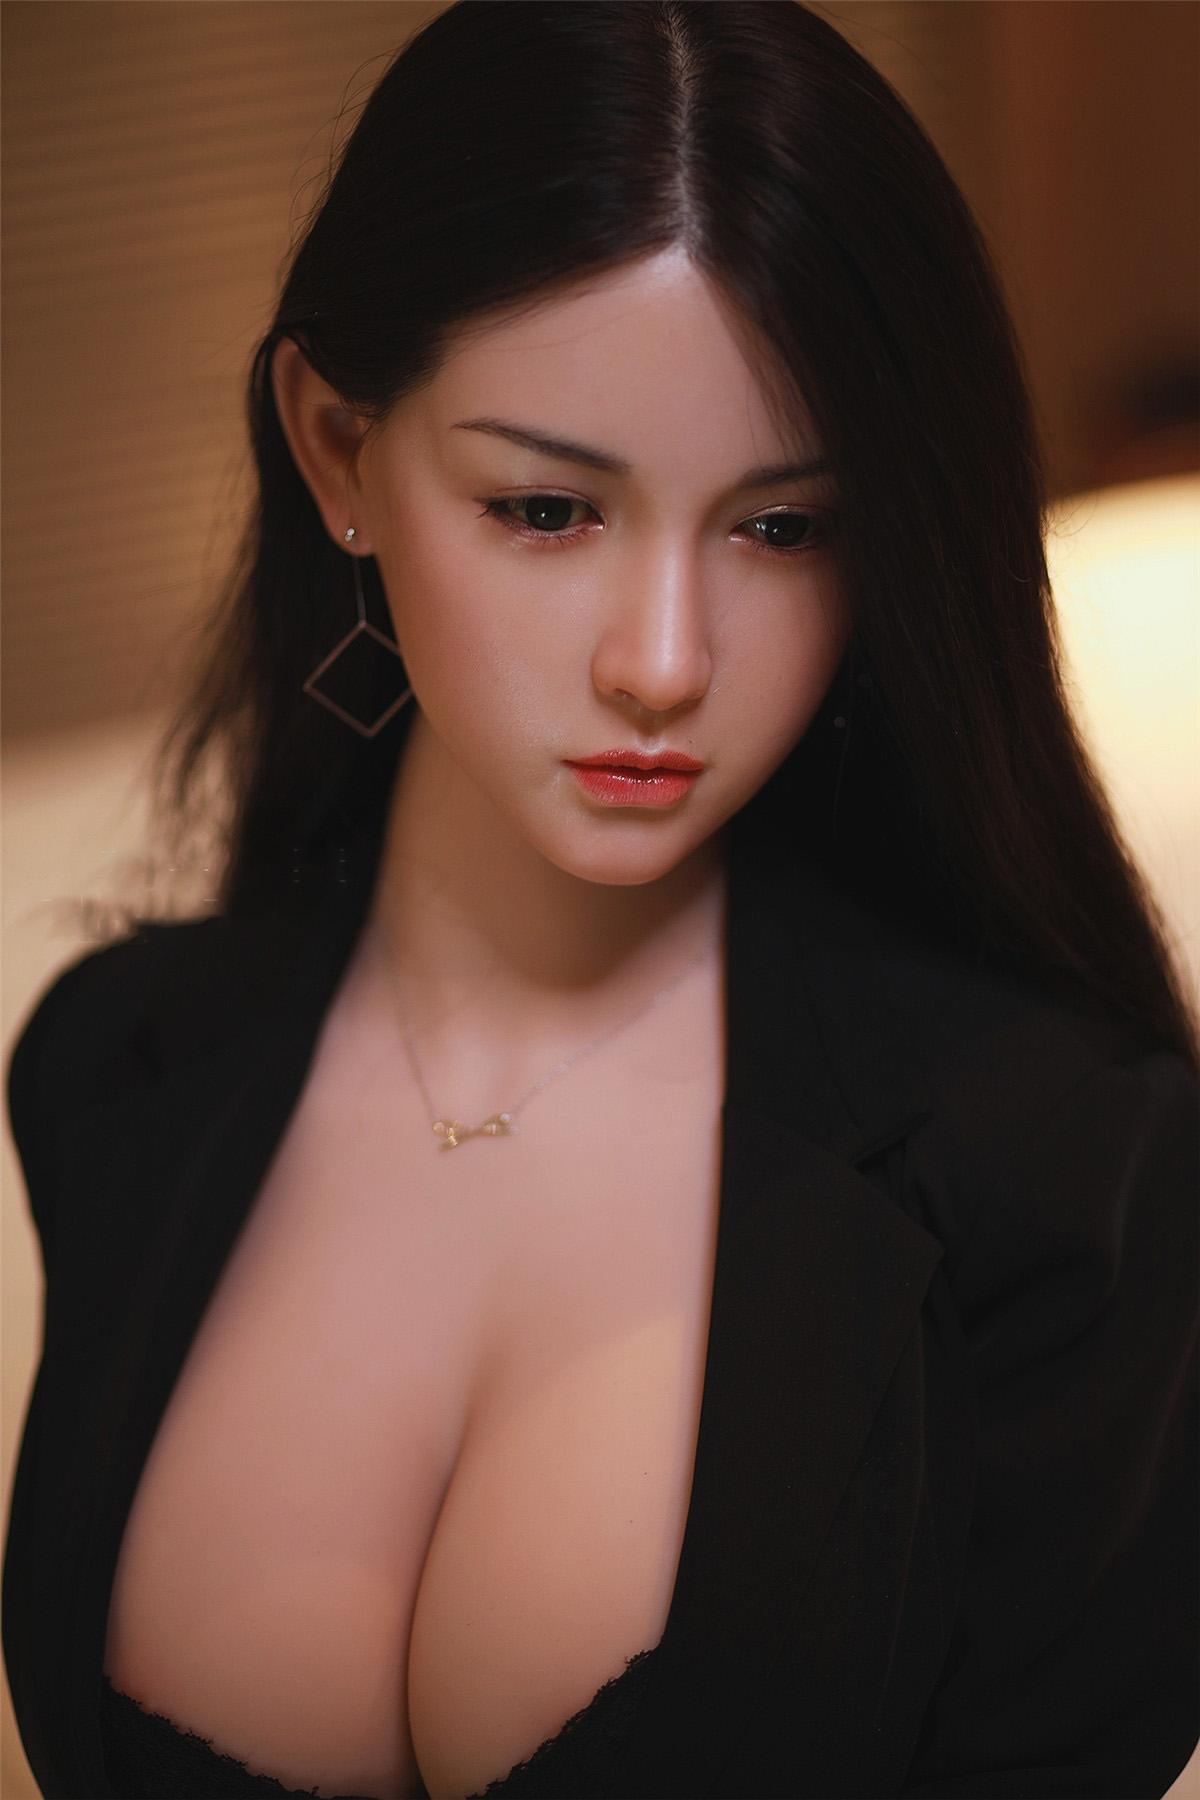 H8bca510394124e0cb76bd91ba16c5a31N Muñecas sexuales de silicona Real para hombres adultos, Robot de amor de Anime japonés de 158cm, juguetes realistas de vida para hombres, con pecho grande y completo, Vagina y atractiva